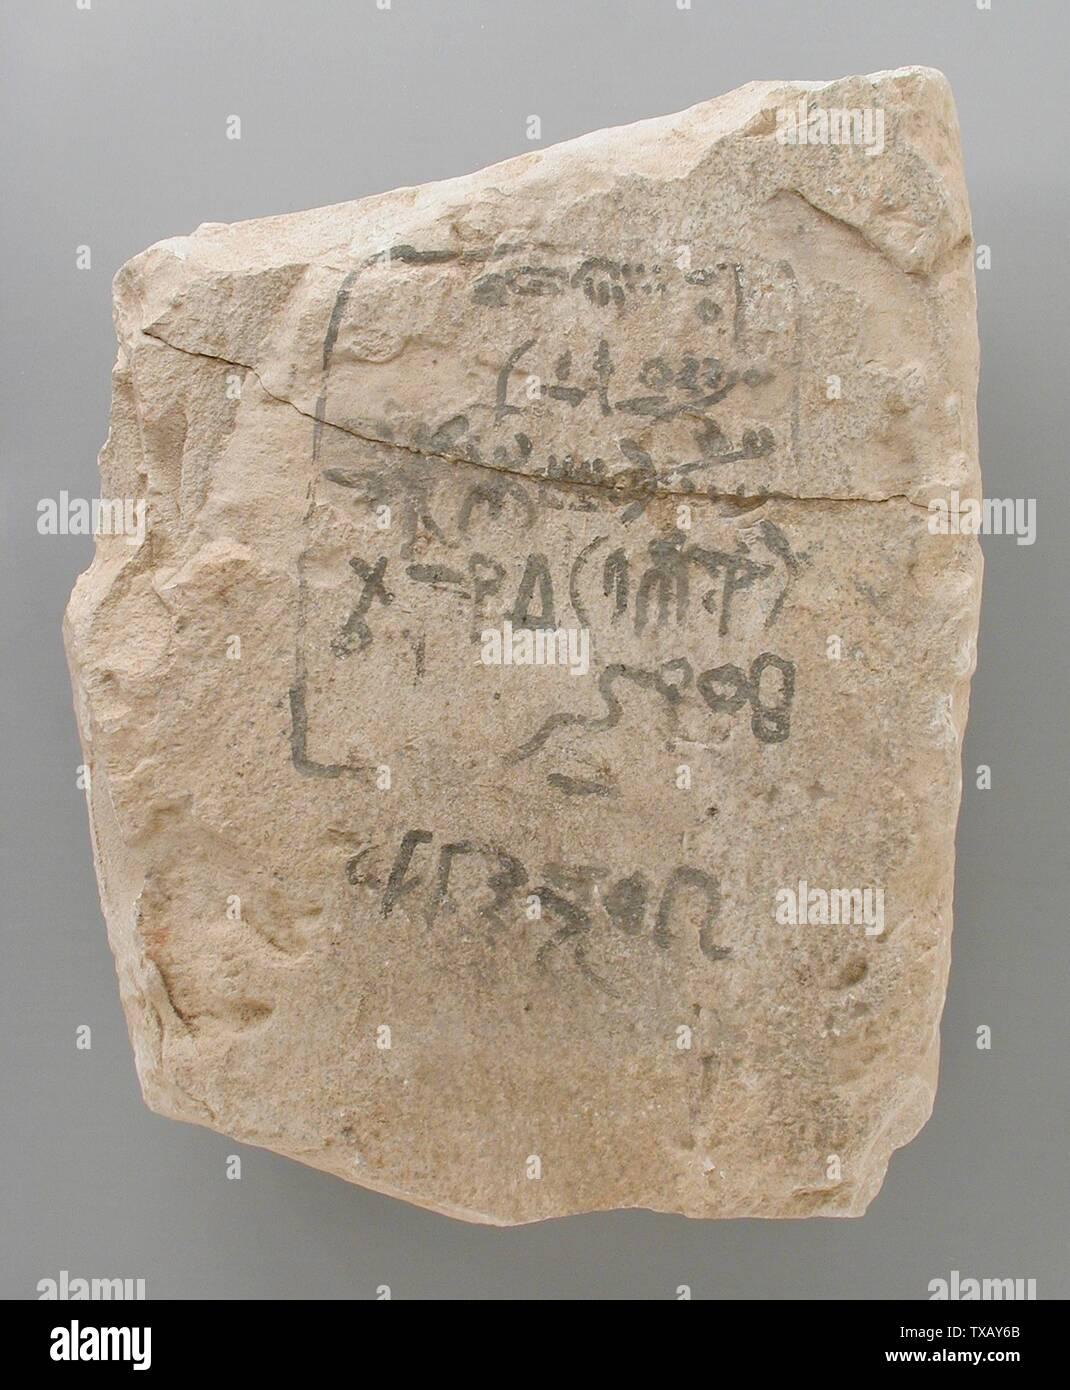 'Ostracon avec Esquisse d'une stèle avec son texte; l'Égypte, Nouvel Empire, 18e dynastie, règne de Thoutmosis III (1504 - 1452 avant notre ère) Outils et équipement; calcaire ostraka 8 1/8 po x 6 5/16 in. (20,6 x 16 cm) Don de Carl W. Thomas (M.80.203.208) L'art égyptien; règne de Thoutmosis III (1504 - 1452 avant notre ère); ' Photo Stock